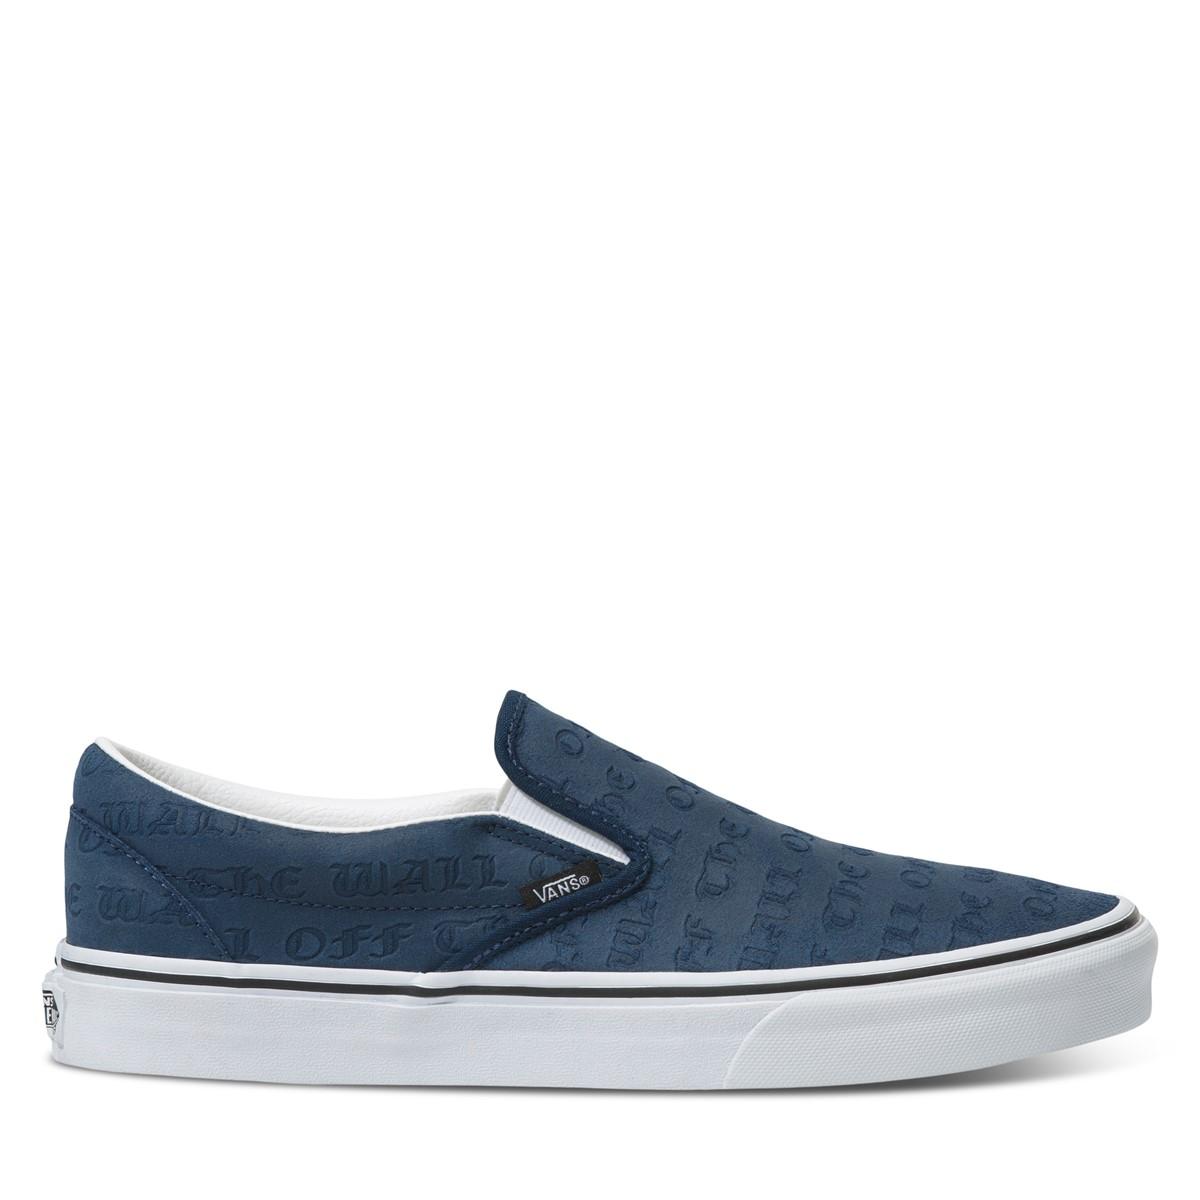 Men's Slip-On Deboss OTW Sneakers in Navy